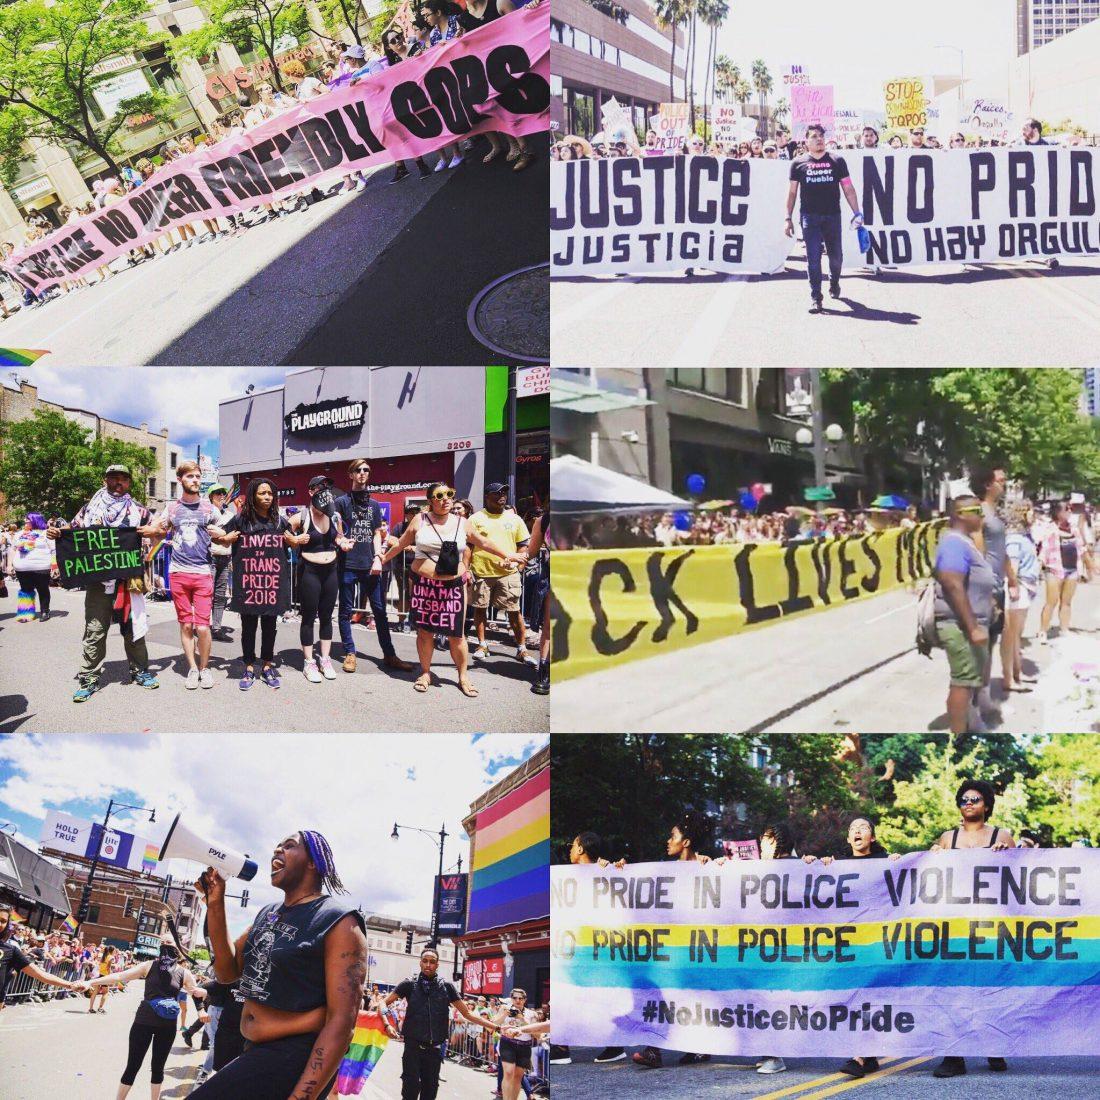 No Justice No Pride Photos (Source: No Justice No Pride/Facebook)